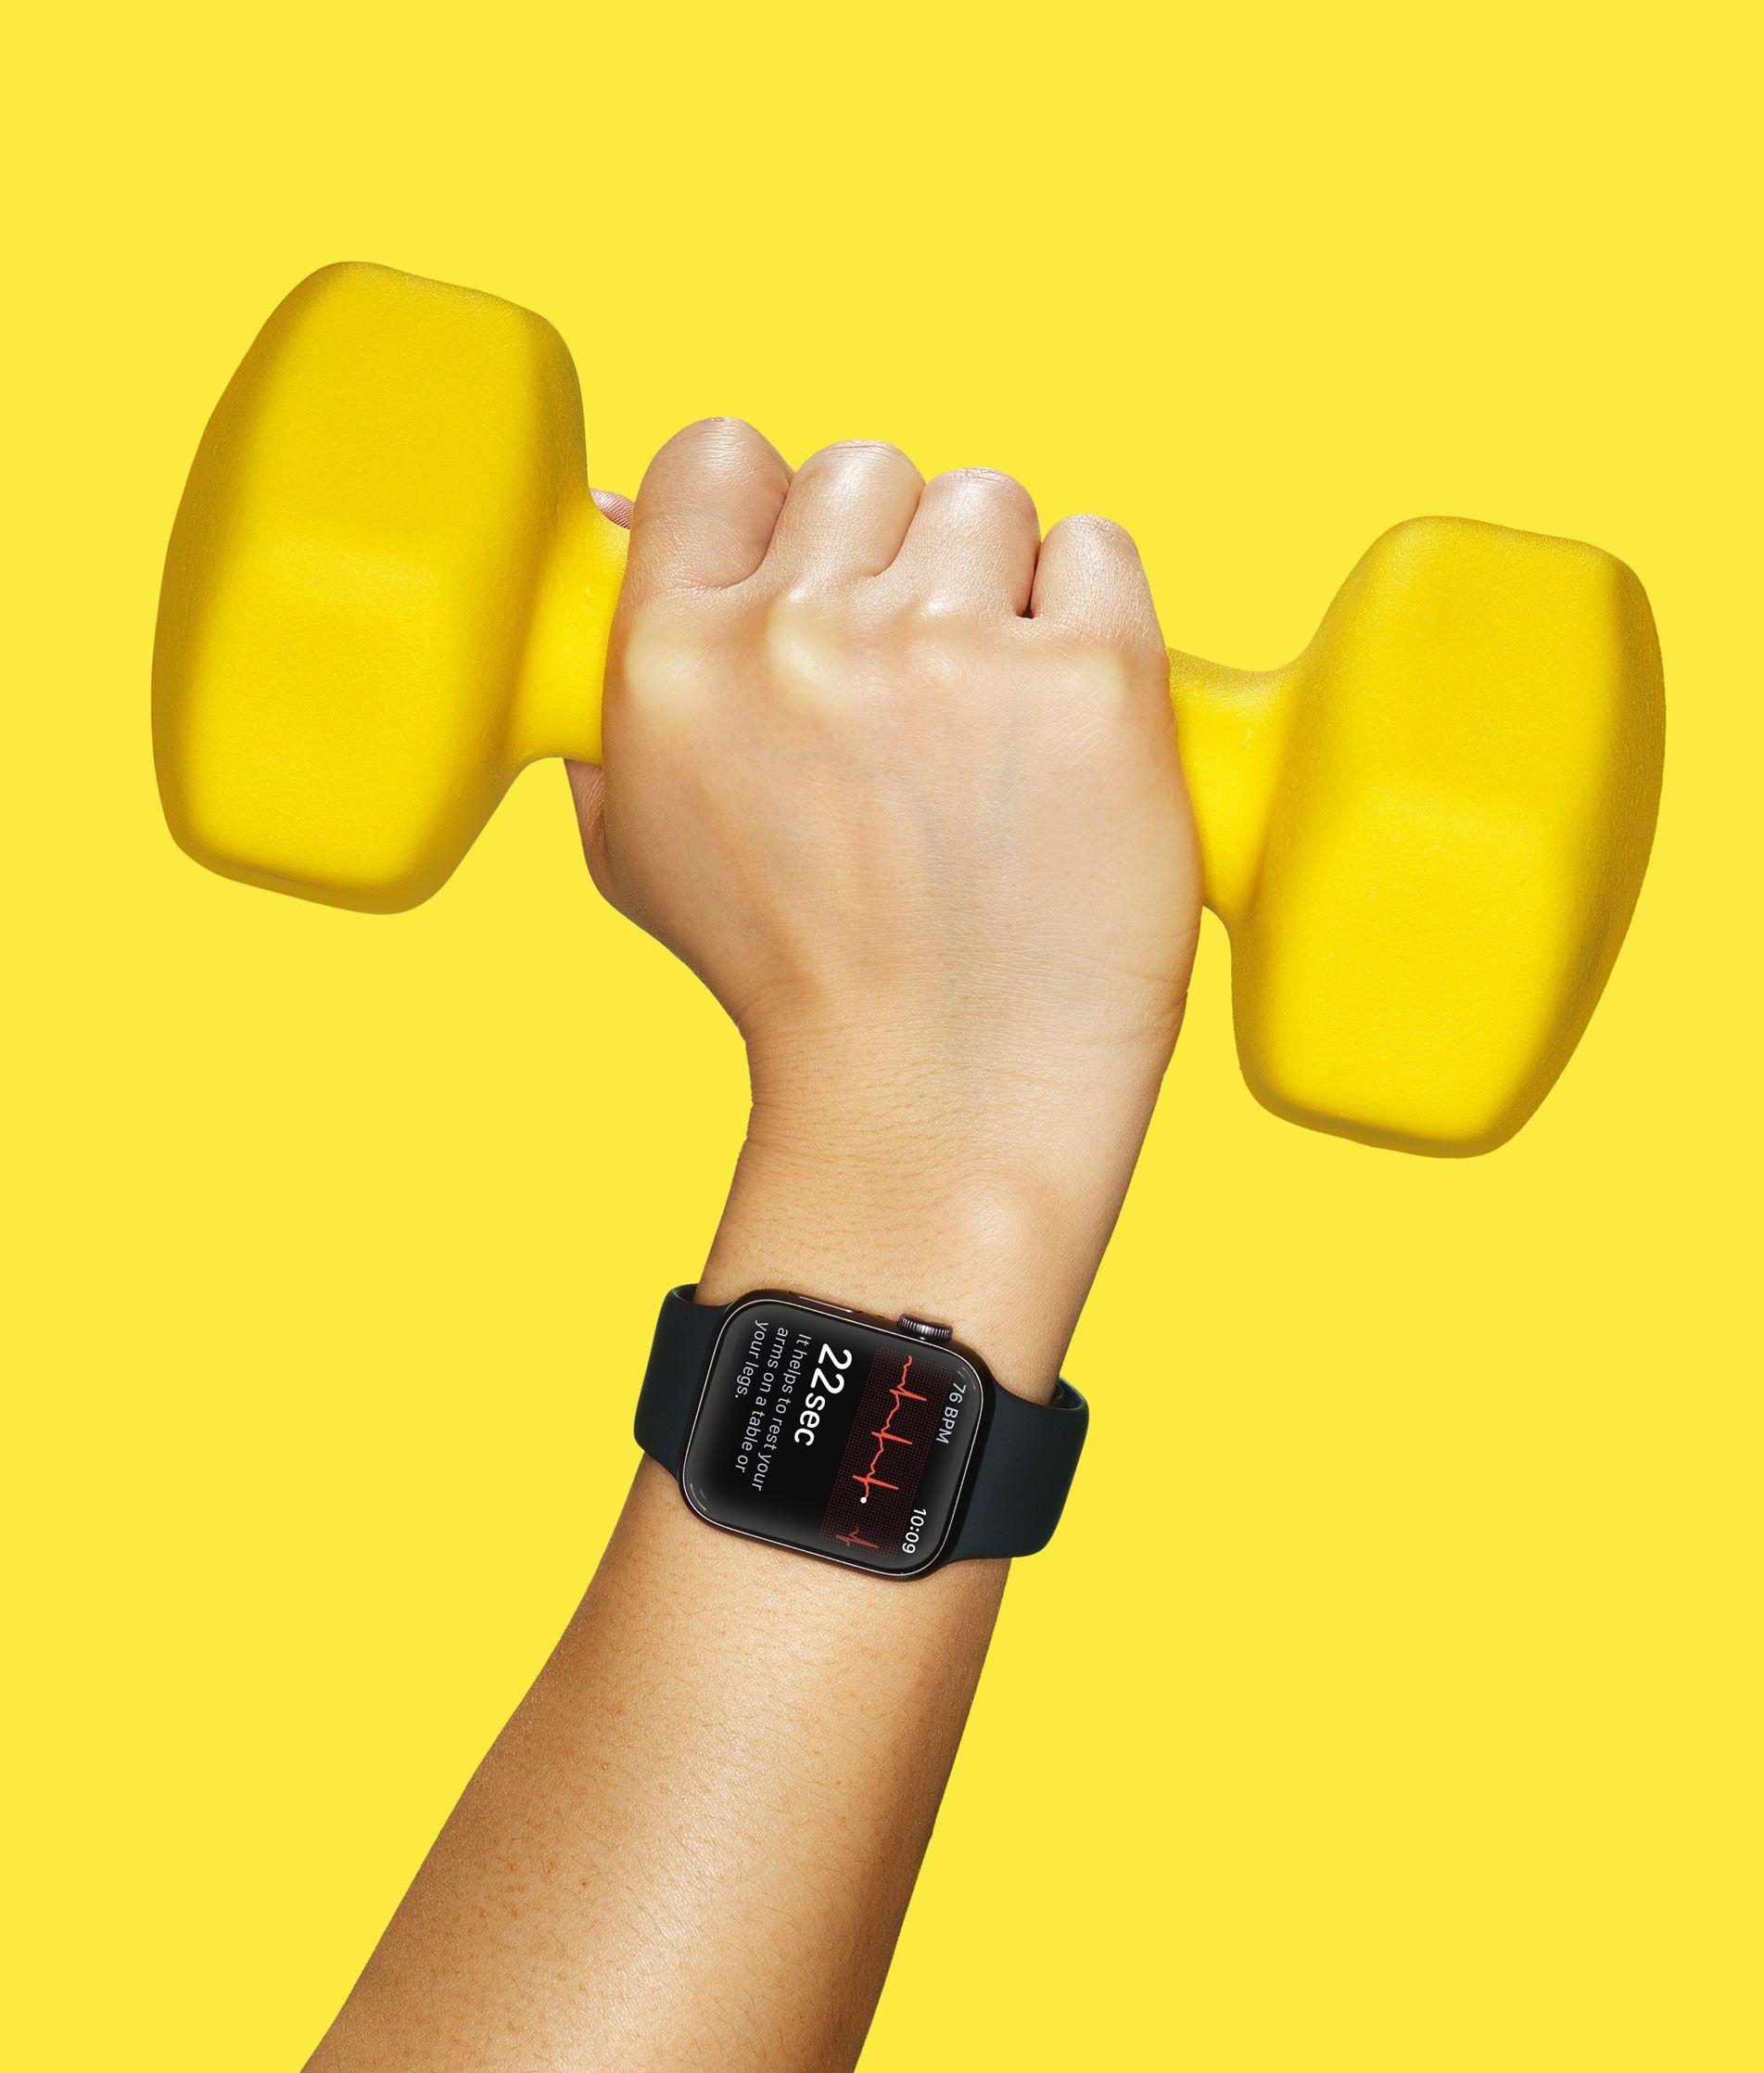 「命を救う」腕時計 アップルウォッチが変える 健康管理の未来